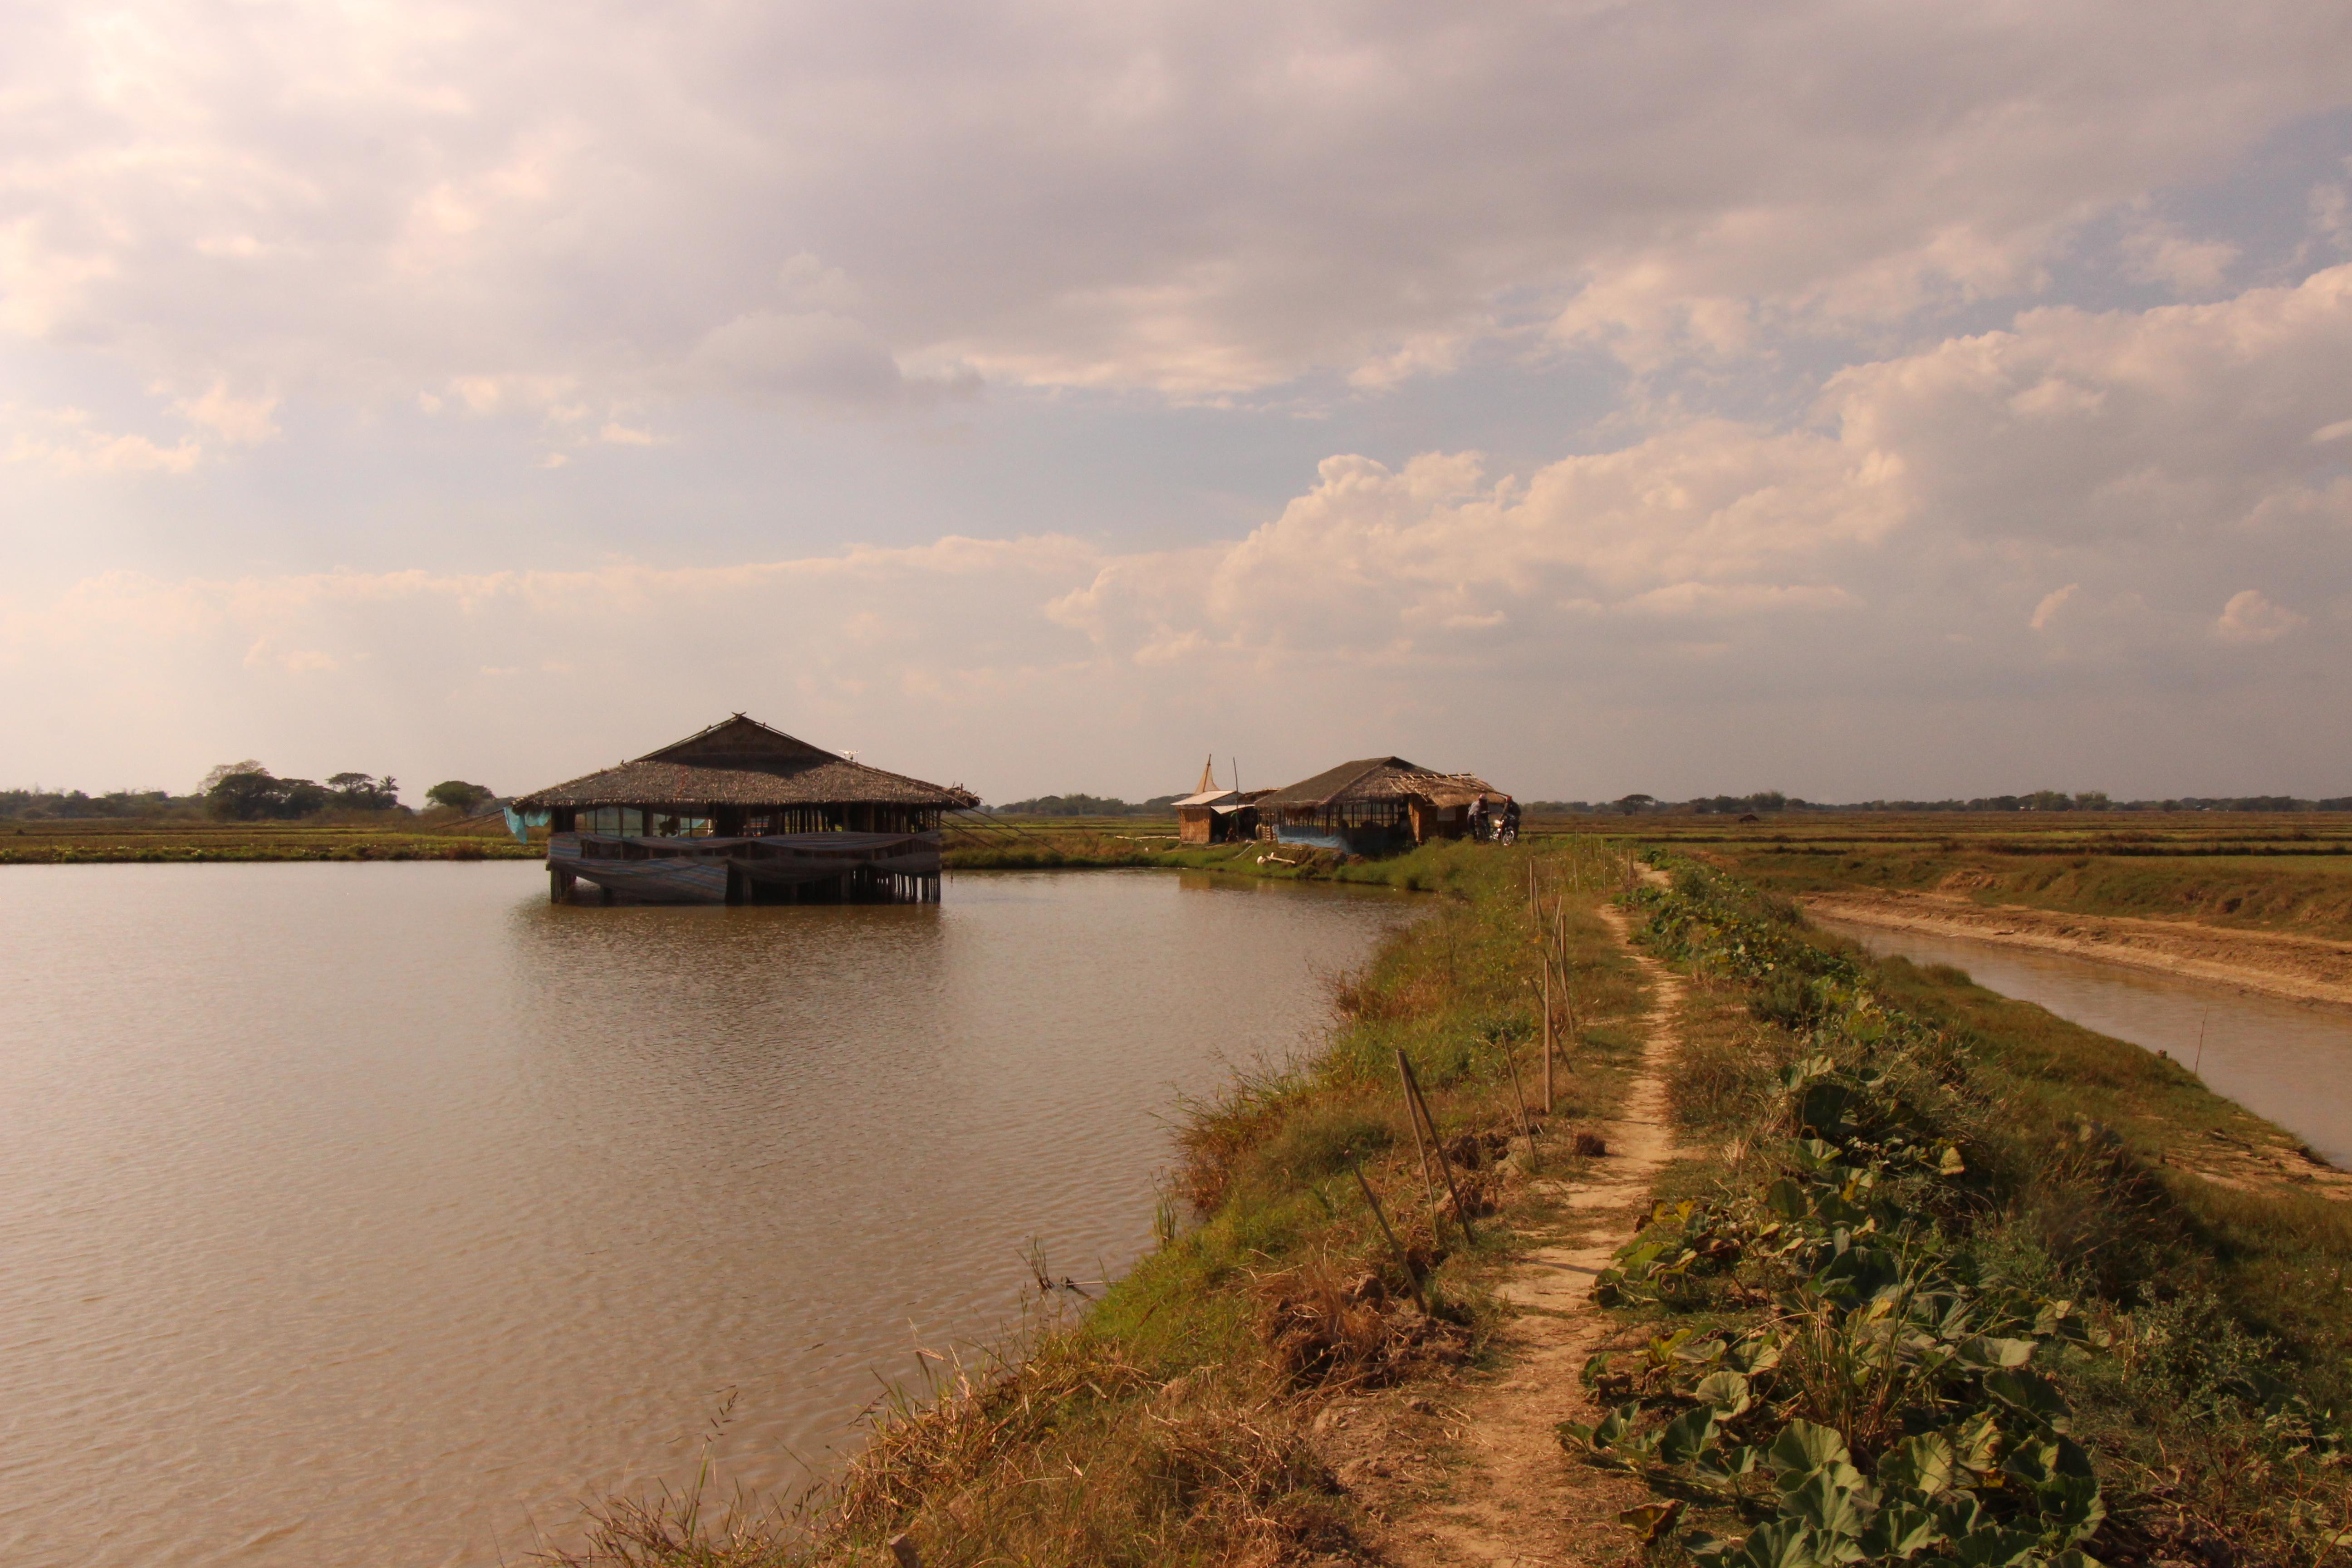 မွေးမြူရေးလုပ်ငန်း ဆောင်ရွက်ရာတွင် မြေယာအသုံးချခွင့်ရရှိရေးကို ဥပဒေစည်းမျဉ်း၊ စည်းကမ်း များနှင့်အညီ ဆောင်ရွက်ရန်လို